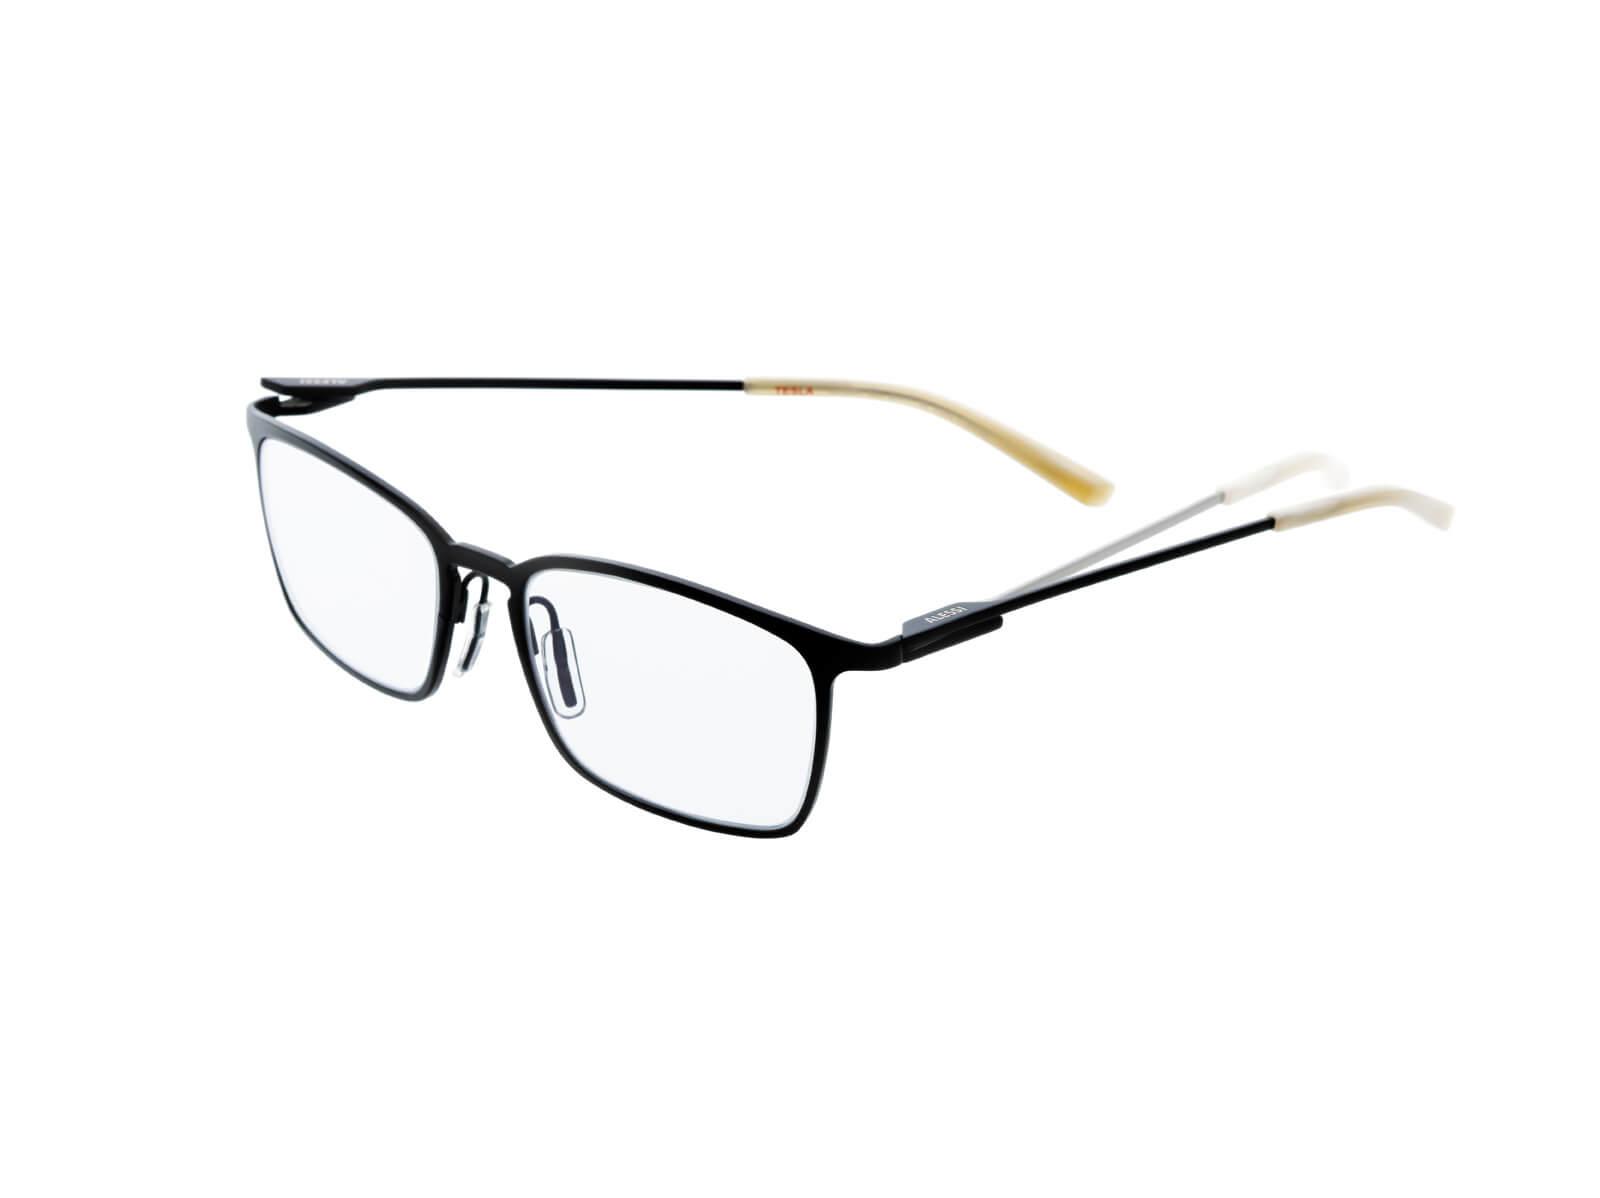 AlessiEyes-Kompas-optical-eyewear-magnetic-hinge-02.jpg